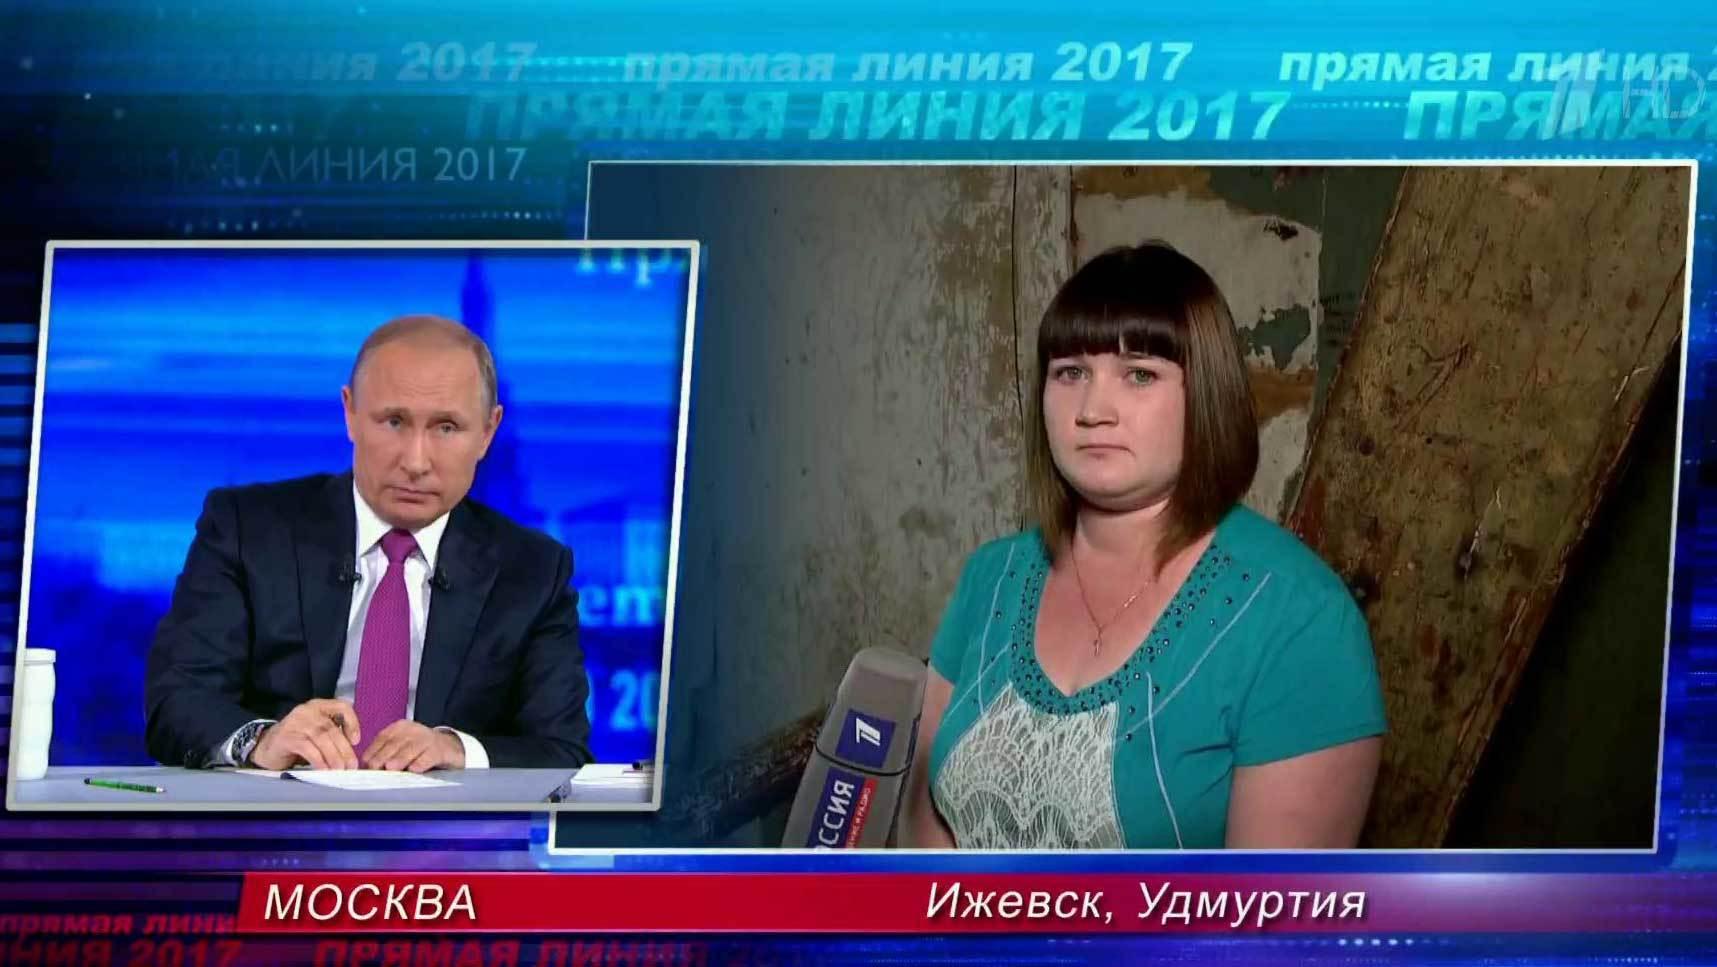 Новости на первом канале россия рен-тв онлайн